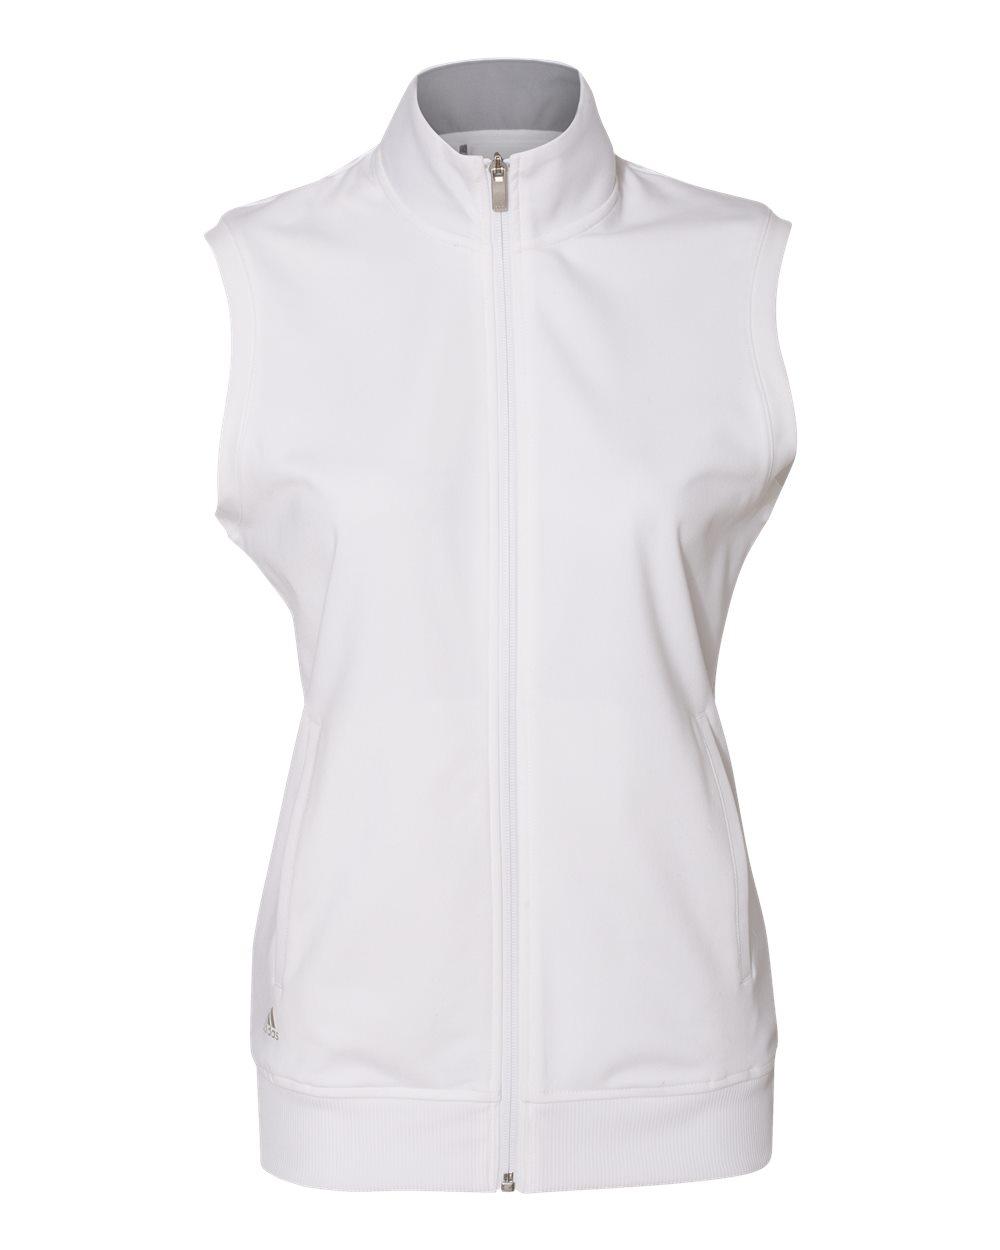 Adidas A272 White